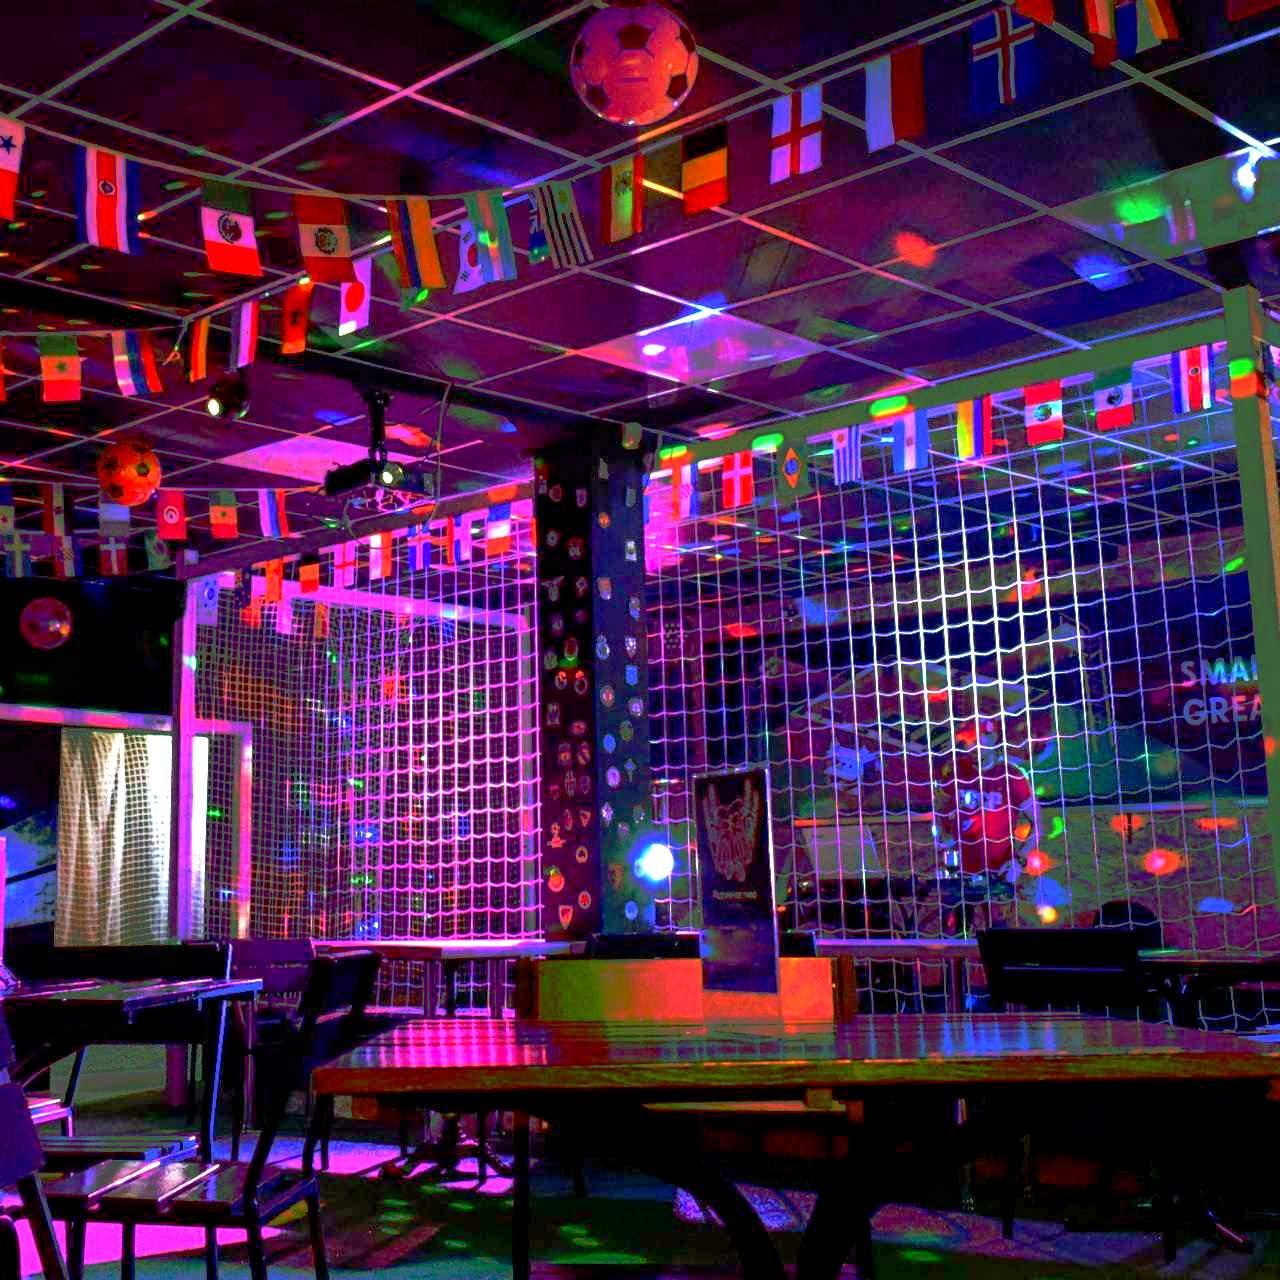 бар для вечеринки в аренду в минске_arenda_minsk